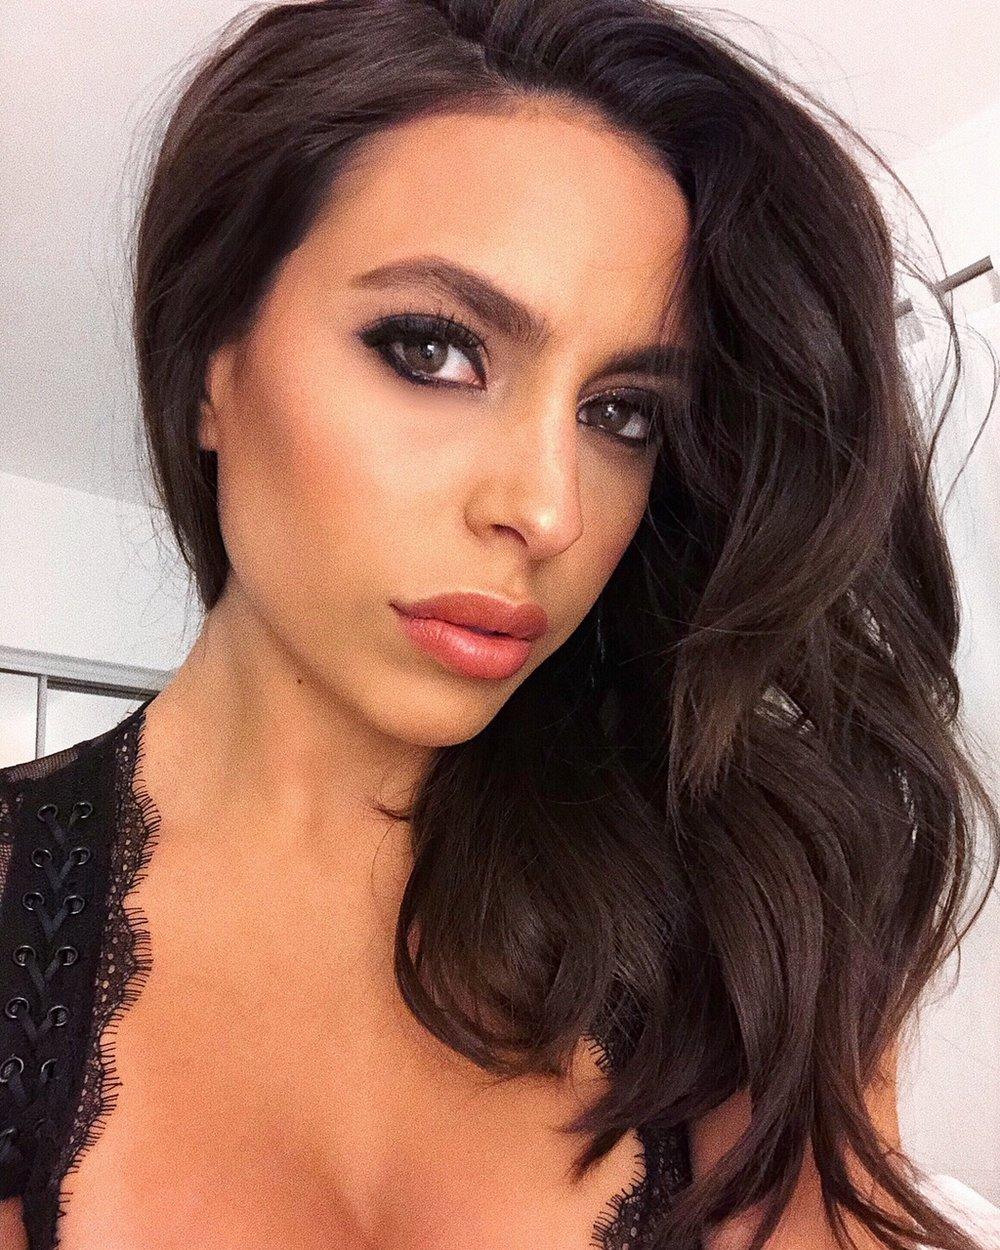 Model: Rouge Apker | Hair & makeup by me